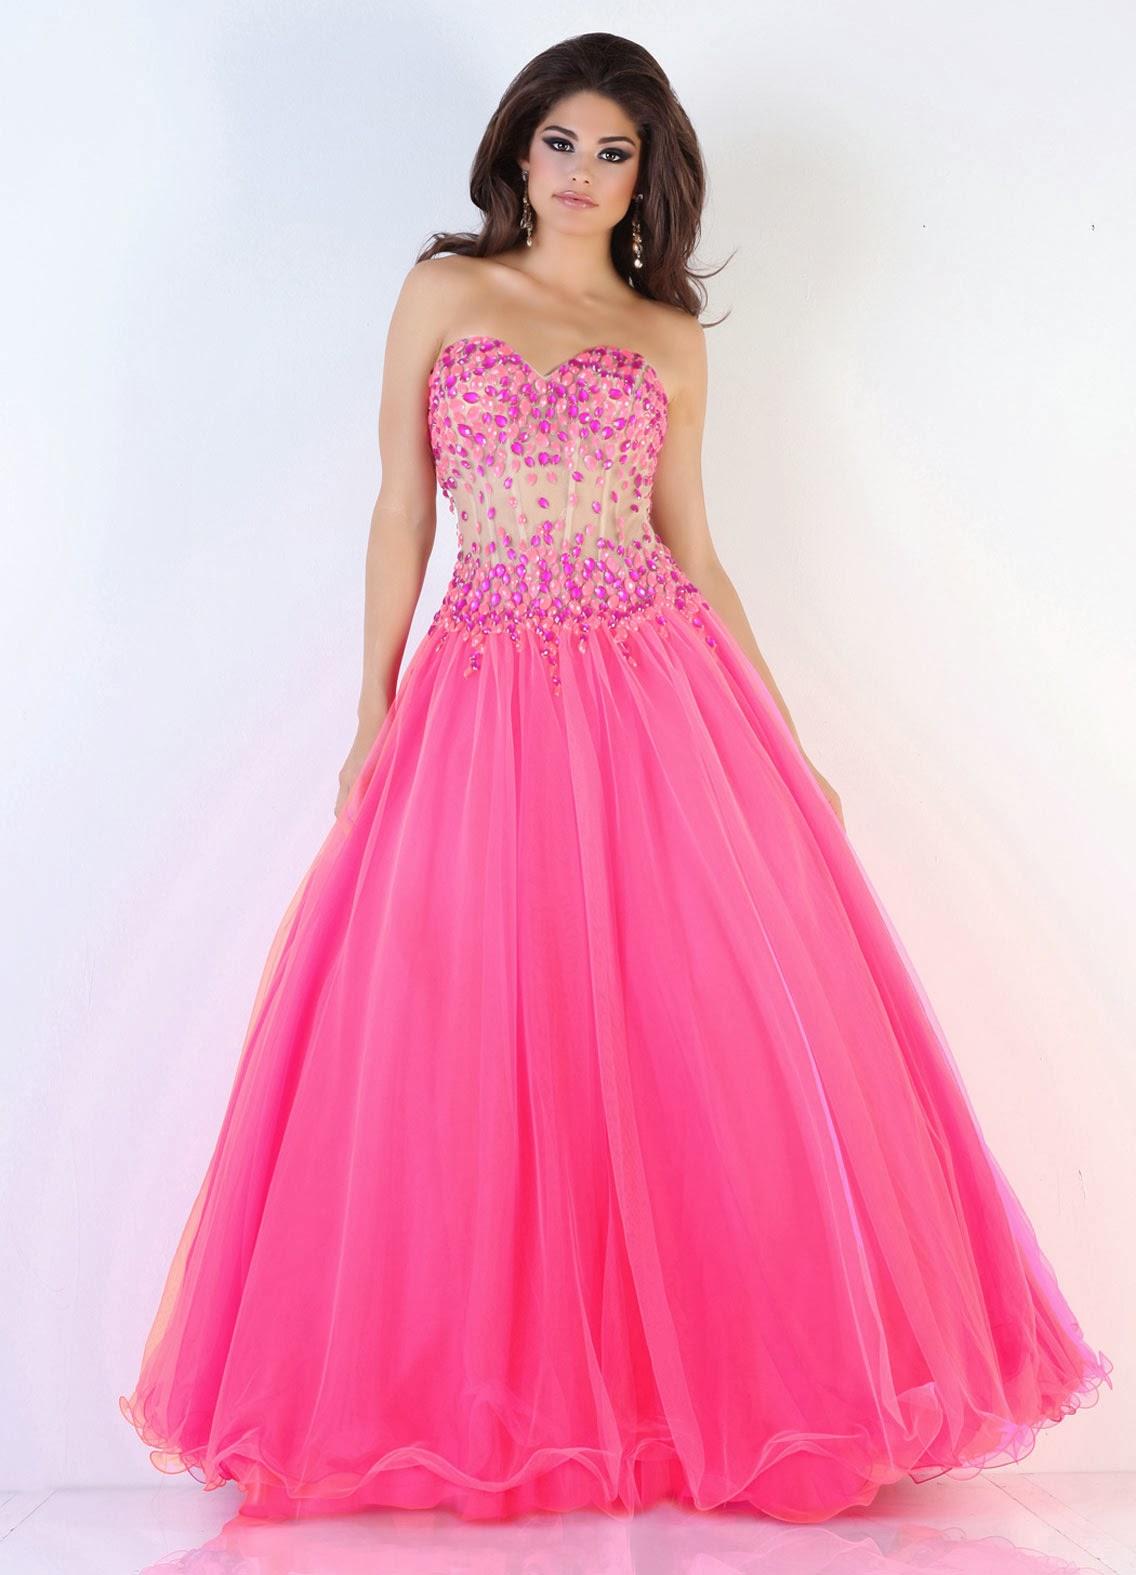 Increíble Vestidos Feos Para Prom Foto - Colección de Vestidos de ...